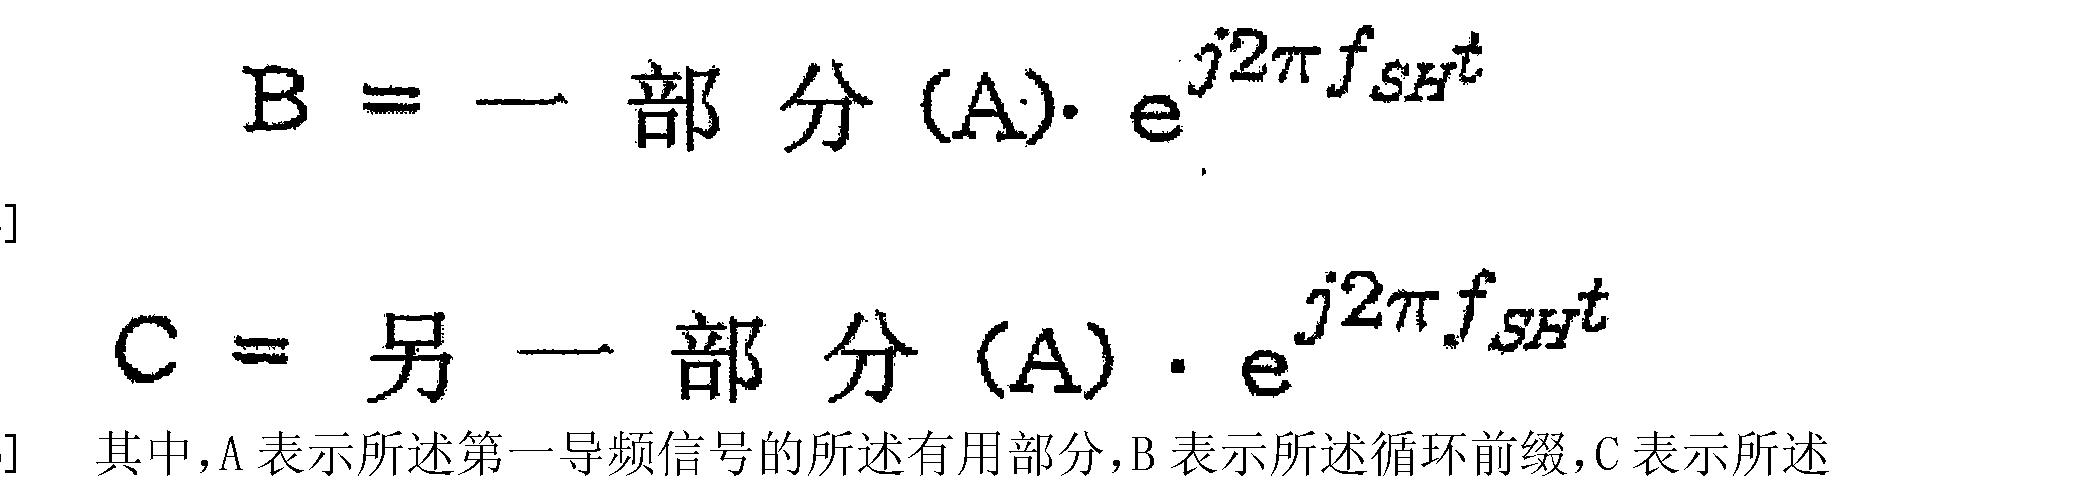 Figure CN101897186BD00051